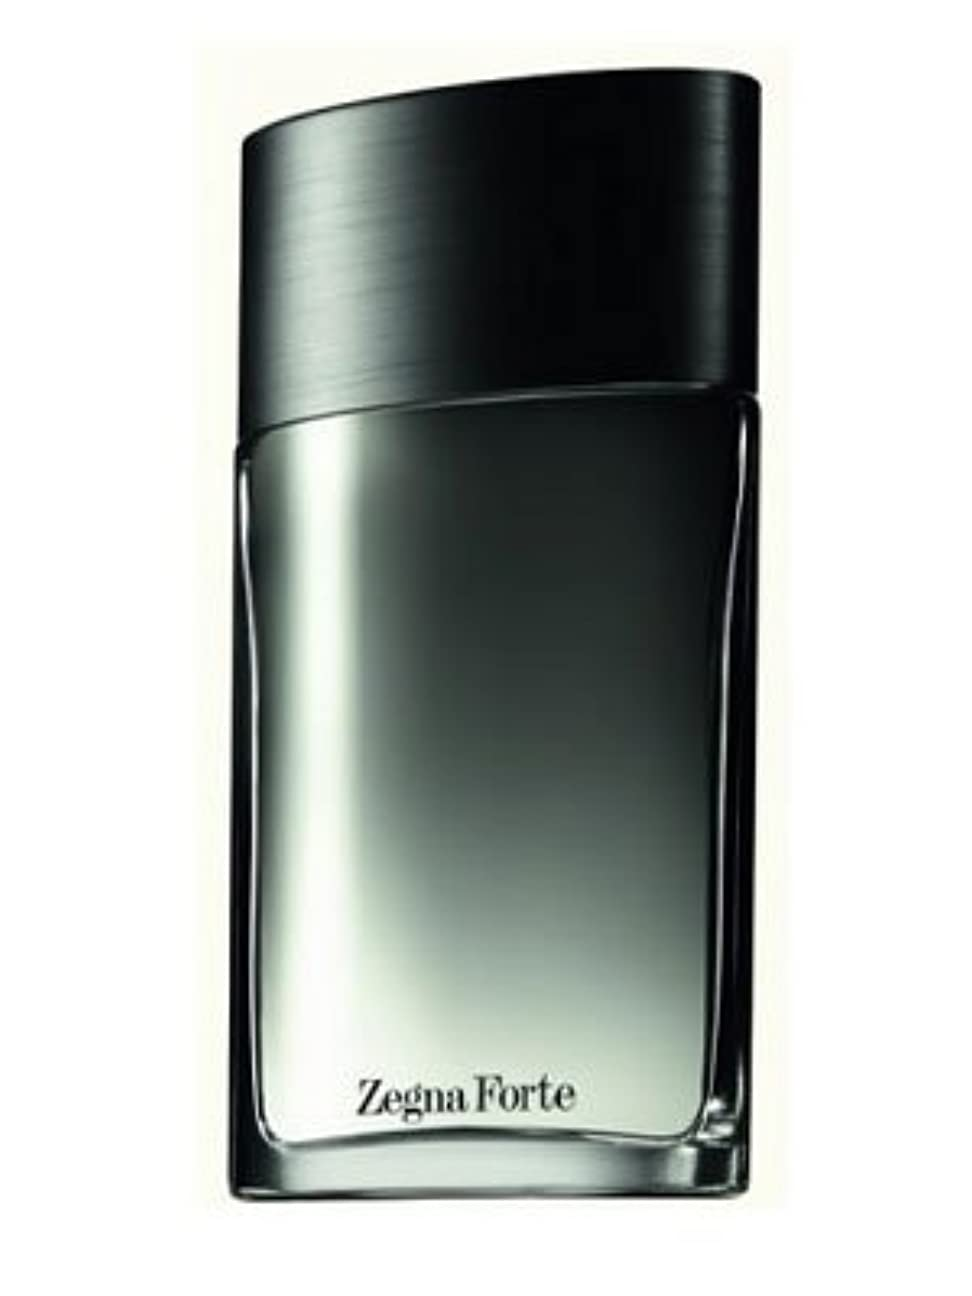 まっすぐトレードネコZegna Forte (ゼニア フォルテ) 3.4 oz (100ml) EDT Spray by Ermenegildo Zegna for Men